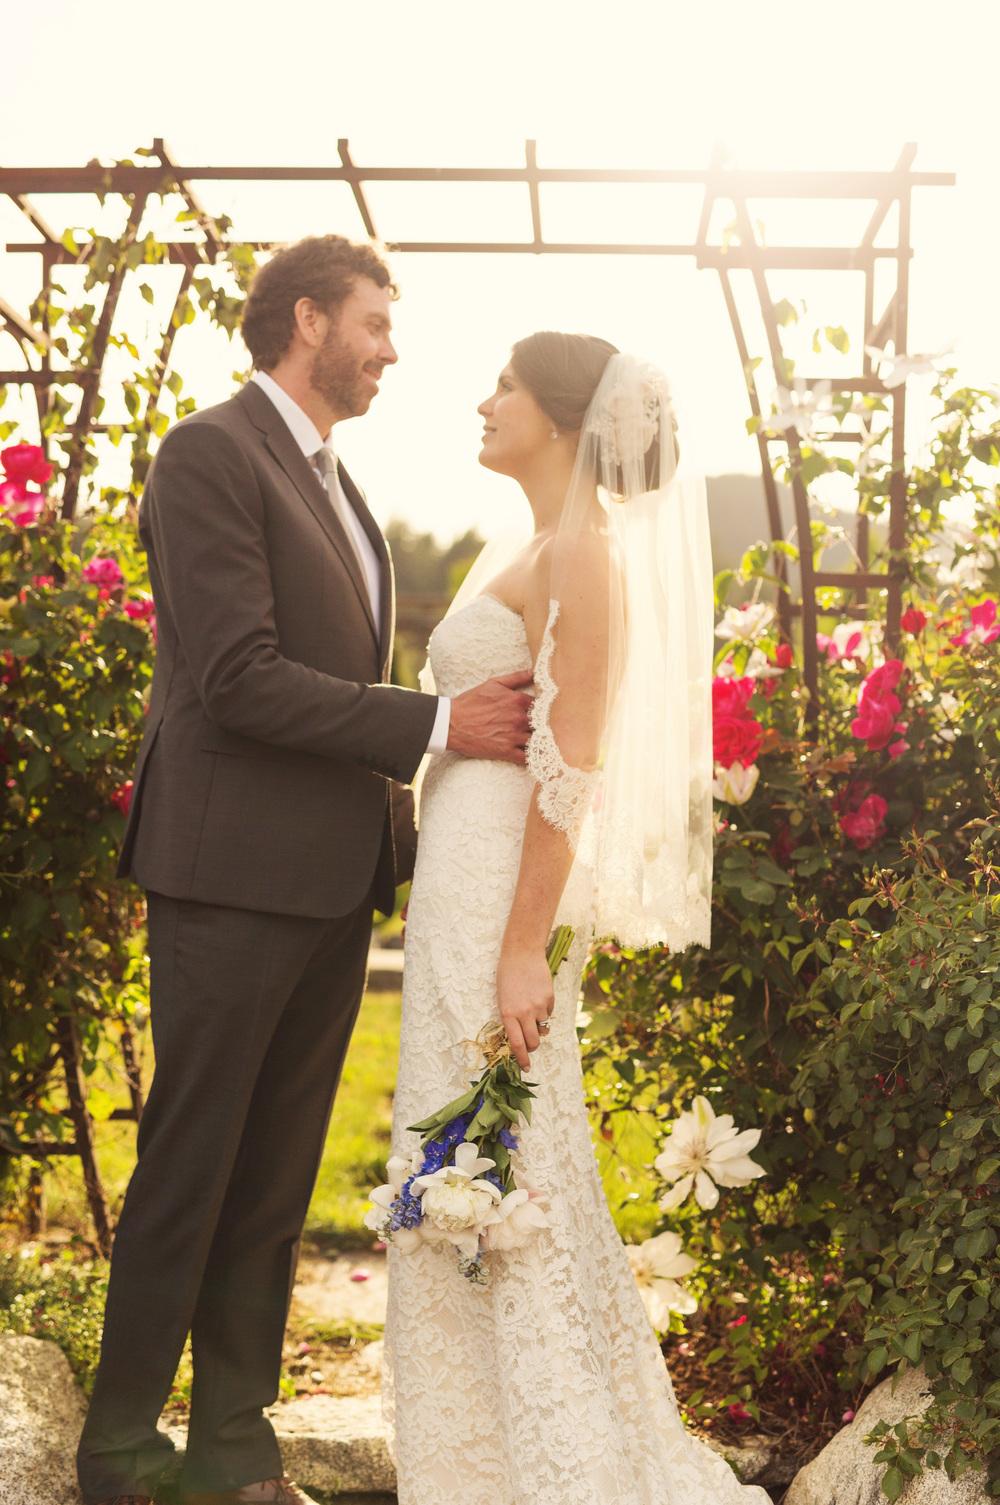 SunshineCoast-BC-Wedding-Photographer293.jpg